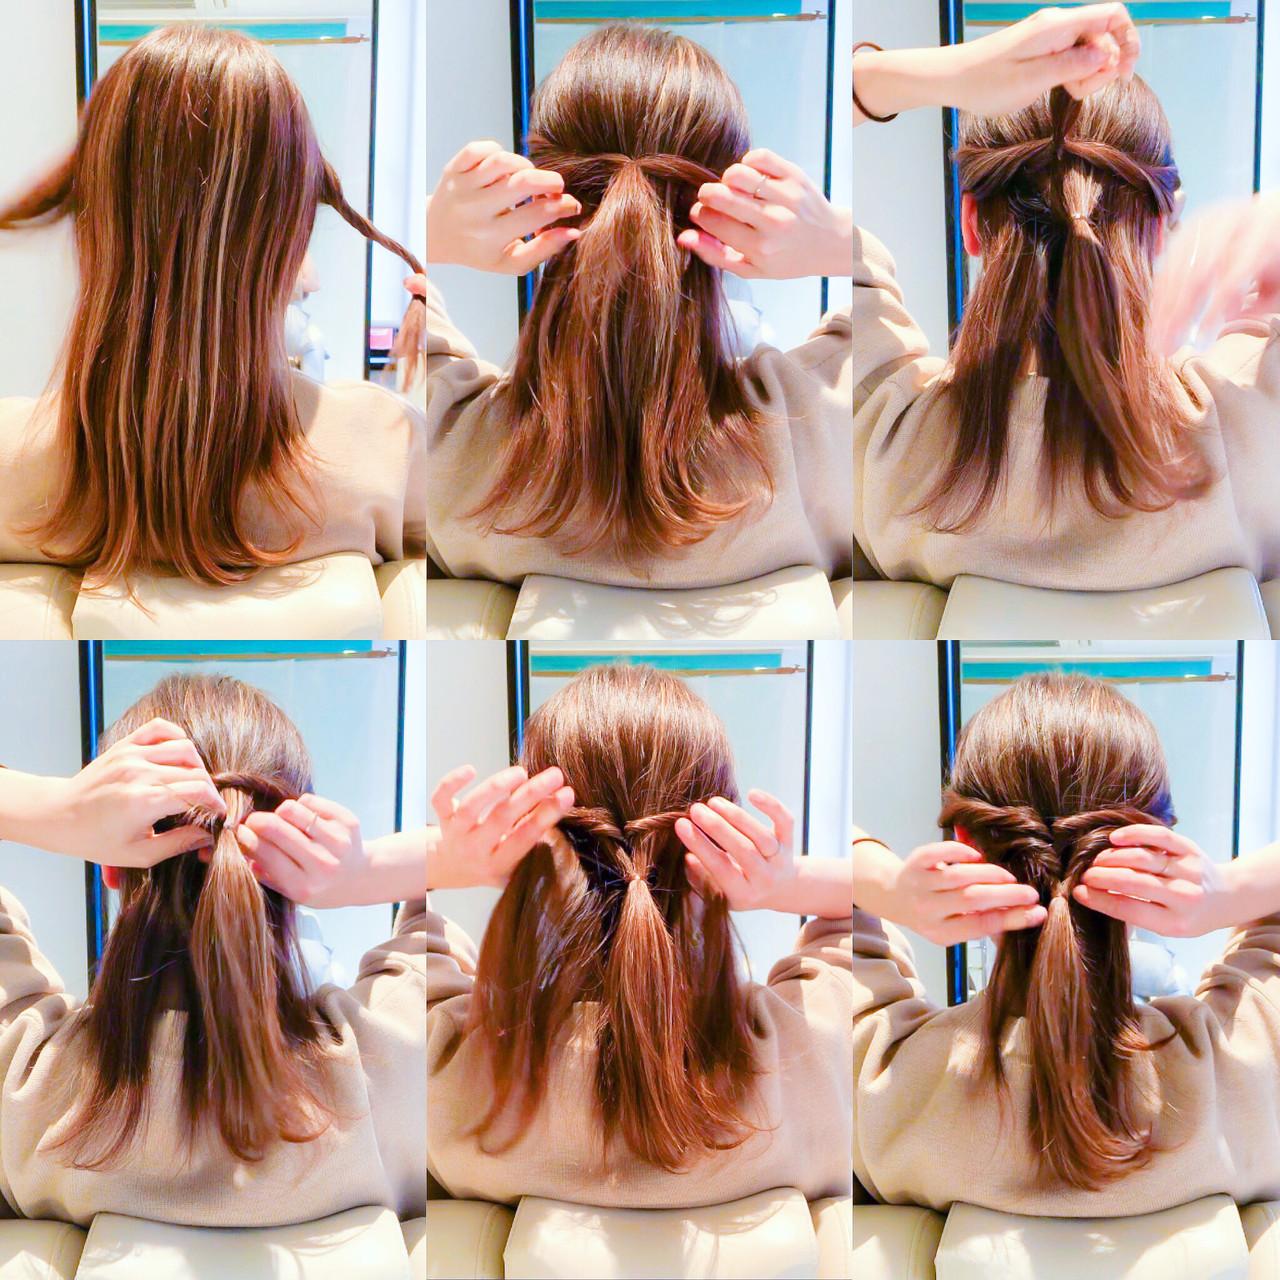 細めが上品❤️大人色っぽい? 簡単に誰でも2分ヘアアレンジ‼️ ☆ ☆やり方☆ 1.両サイドを細めにねじりながら後ろで結びくるりんぱします‼️ 2.すぐ下の中心の毛束をすくい結びます‼️ 3.そのまま2.に1.を通します‼️ 4.両端の毛束をとり結んでくるりんぱします‼️ 5.くるりんぱした毛先を2.に通したら完成です‼️